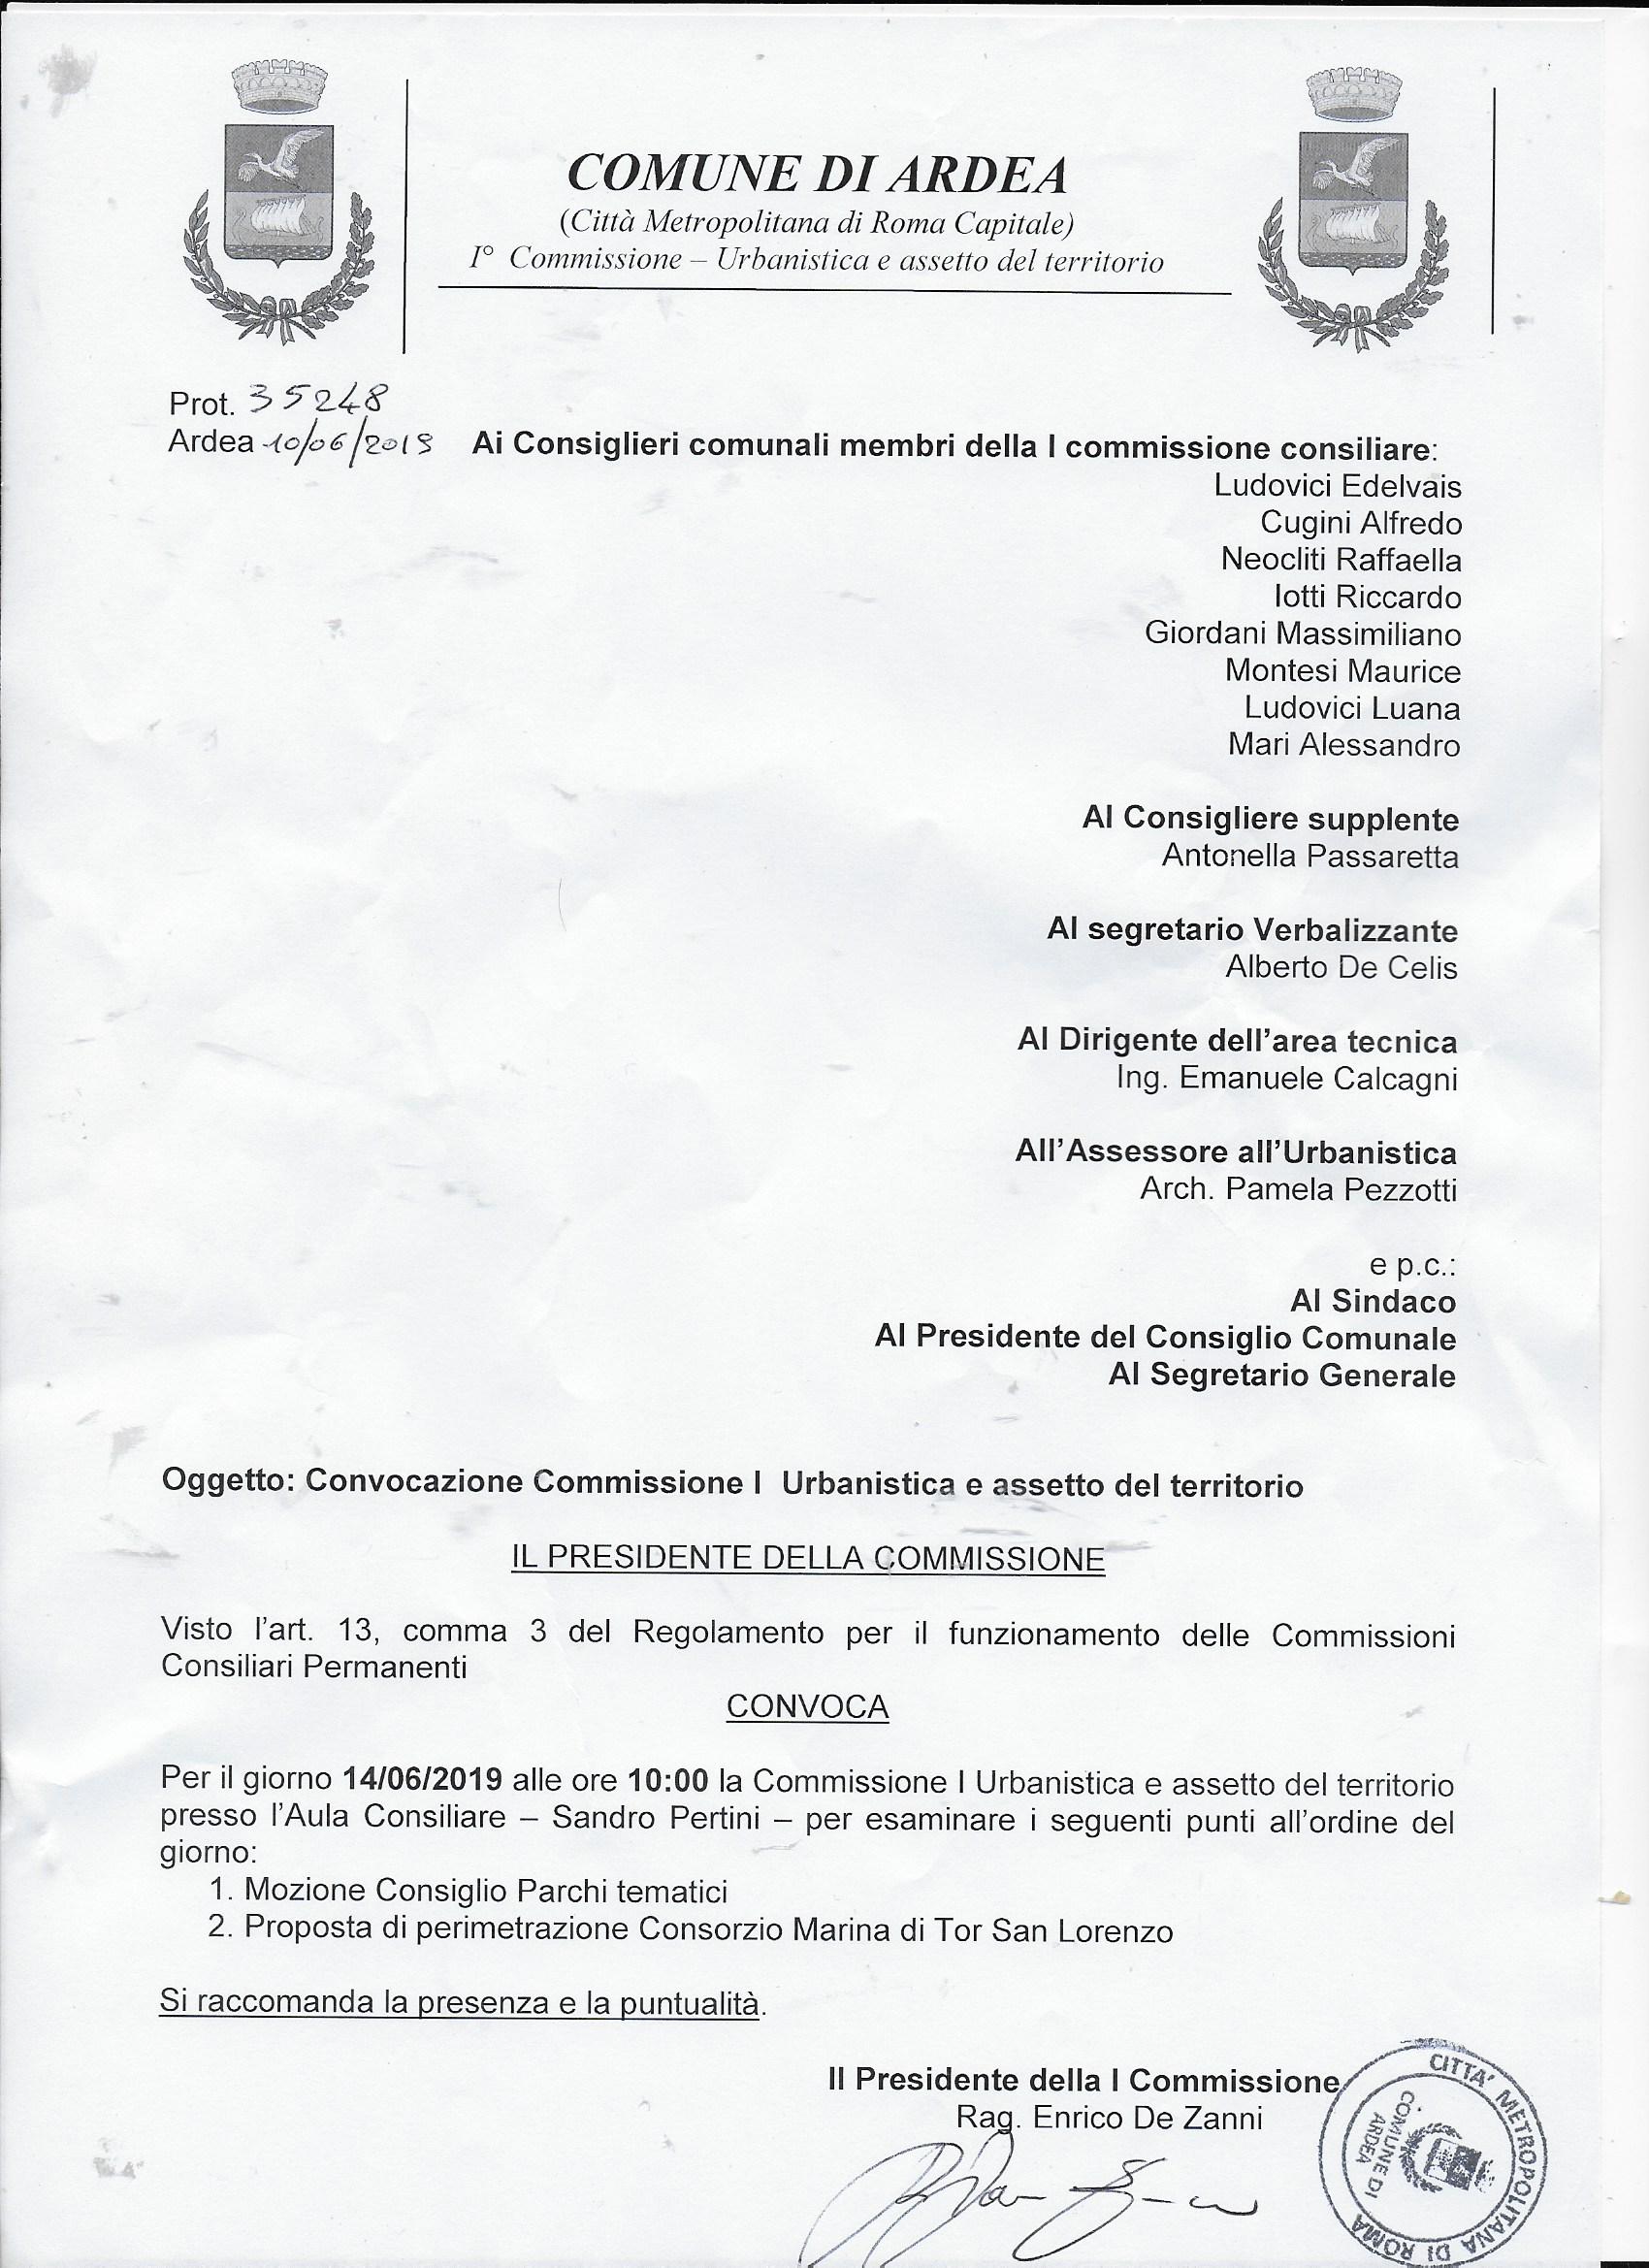 Commissione urbanistica convocata per il 14/06/2019